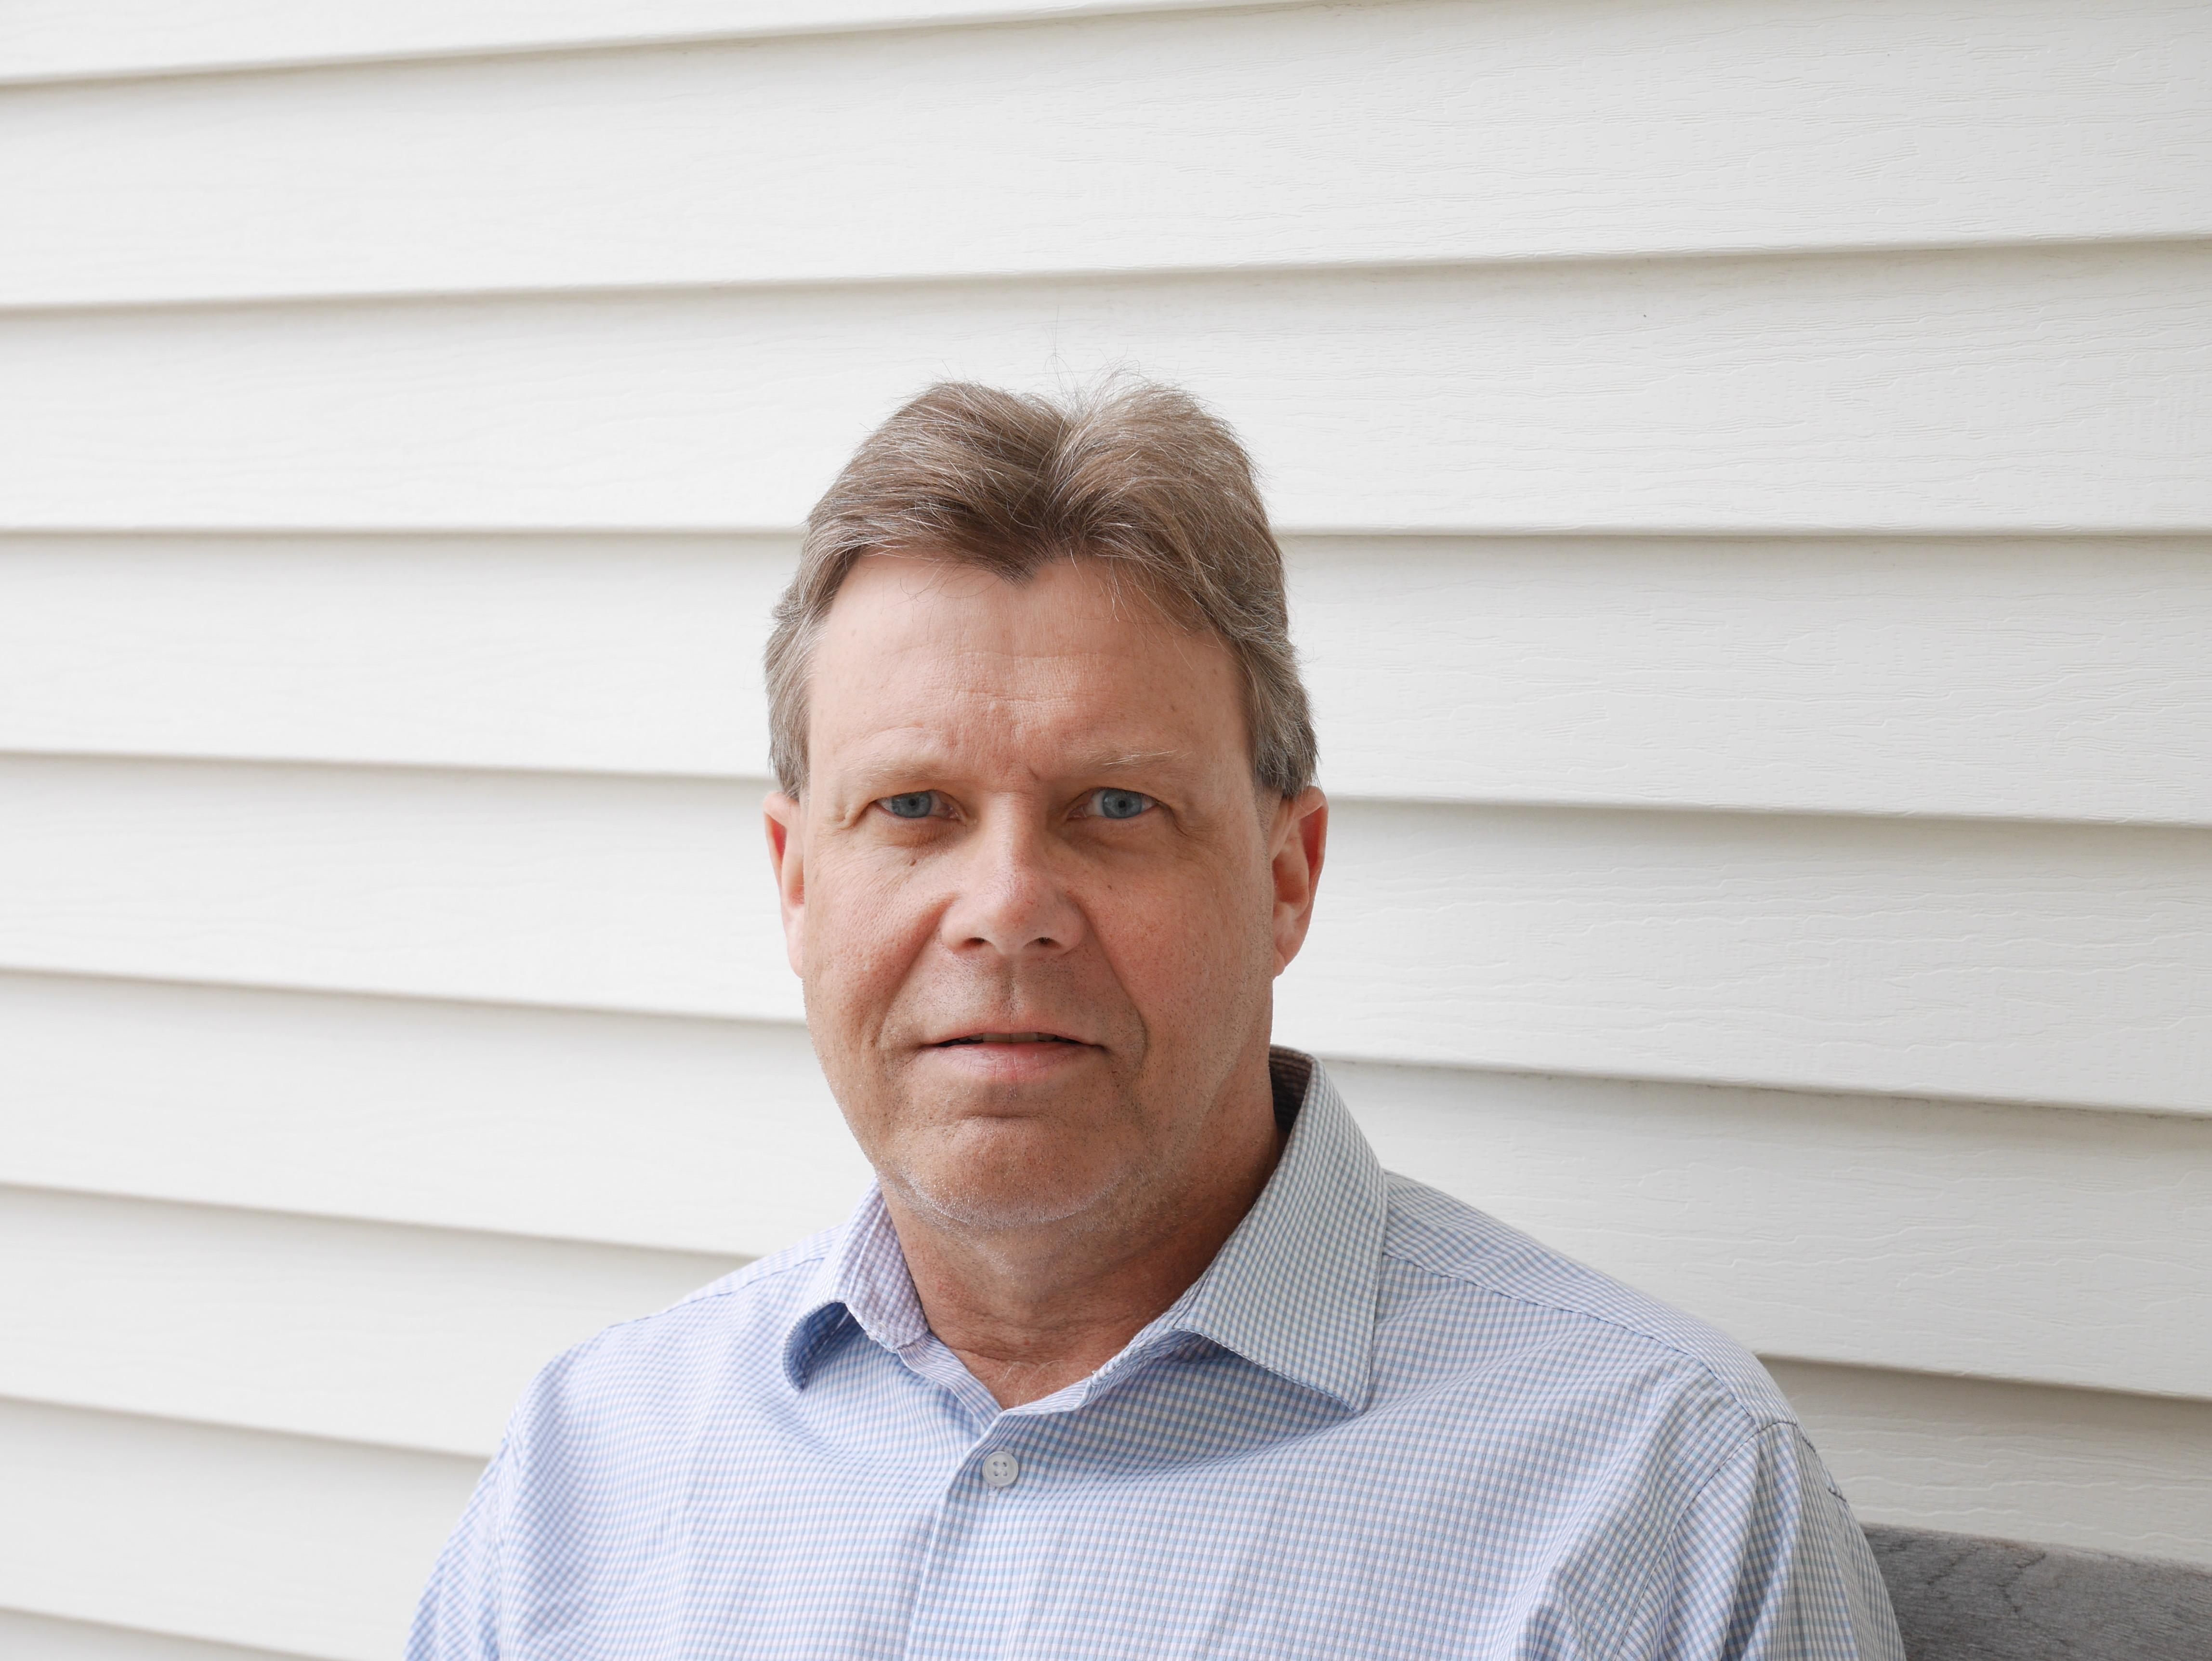 A profile picture of Guy Groblewski.